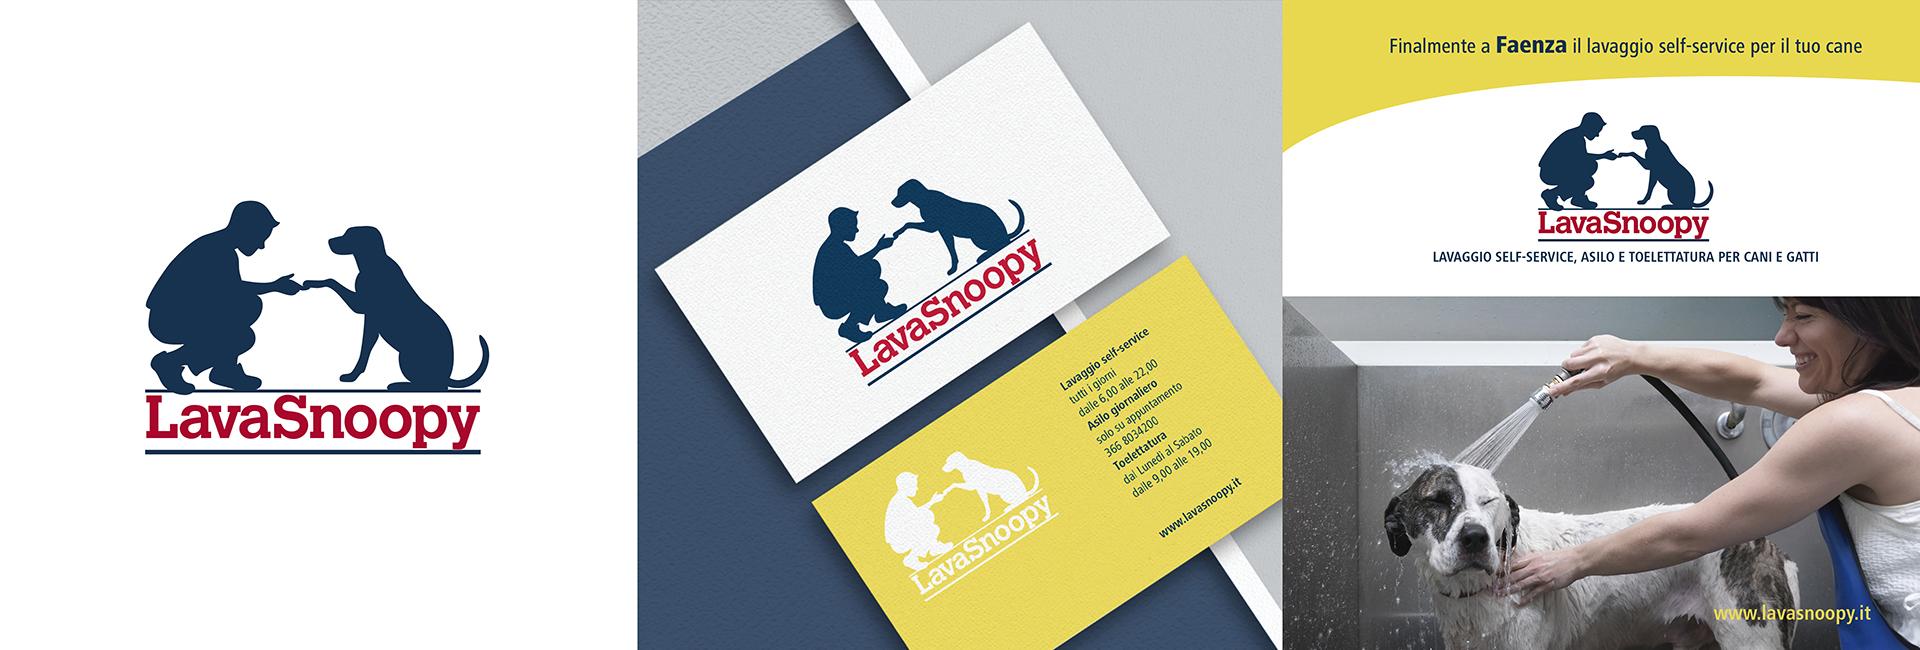 LavaSnoopy: logo design e coprorate identity